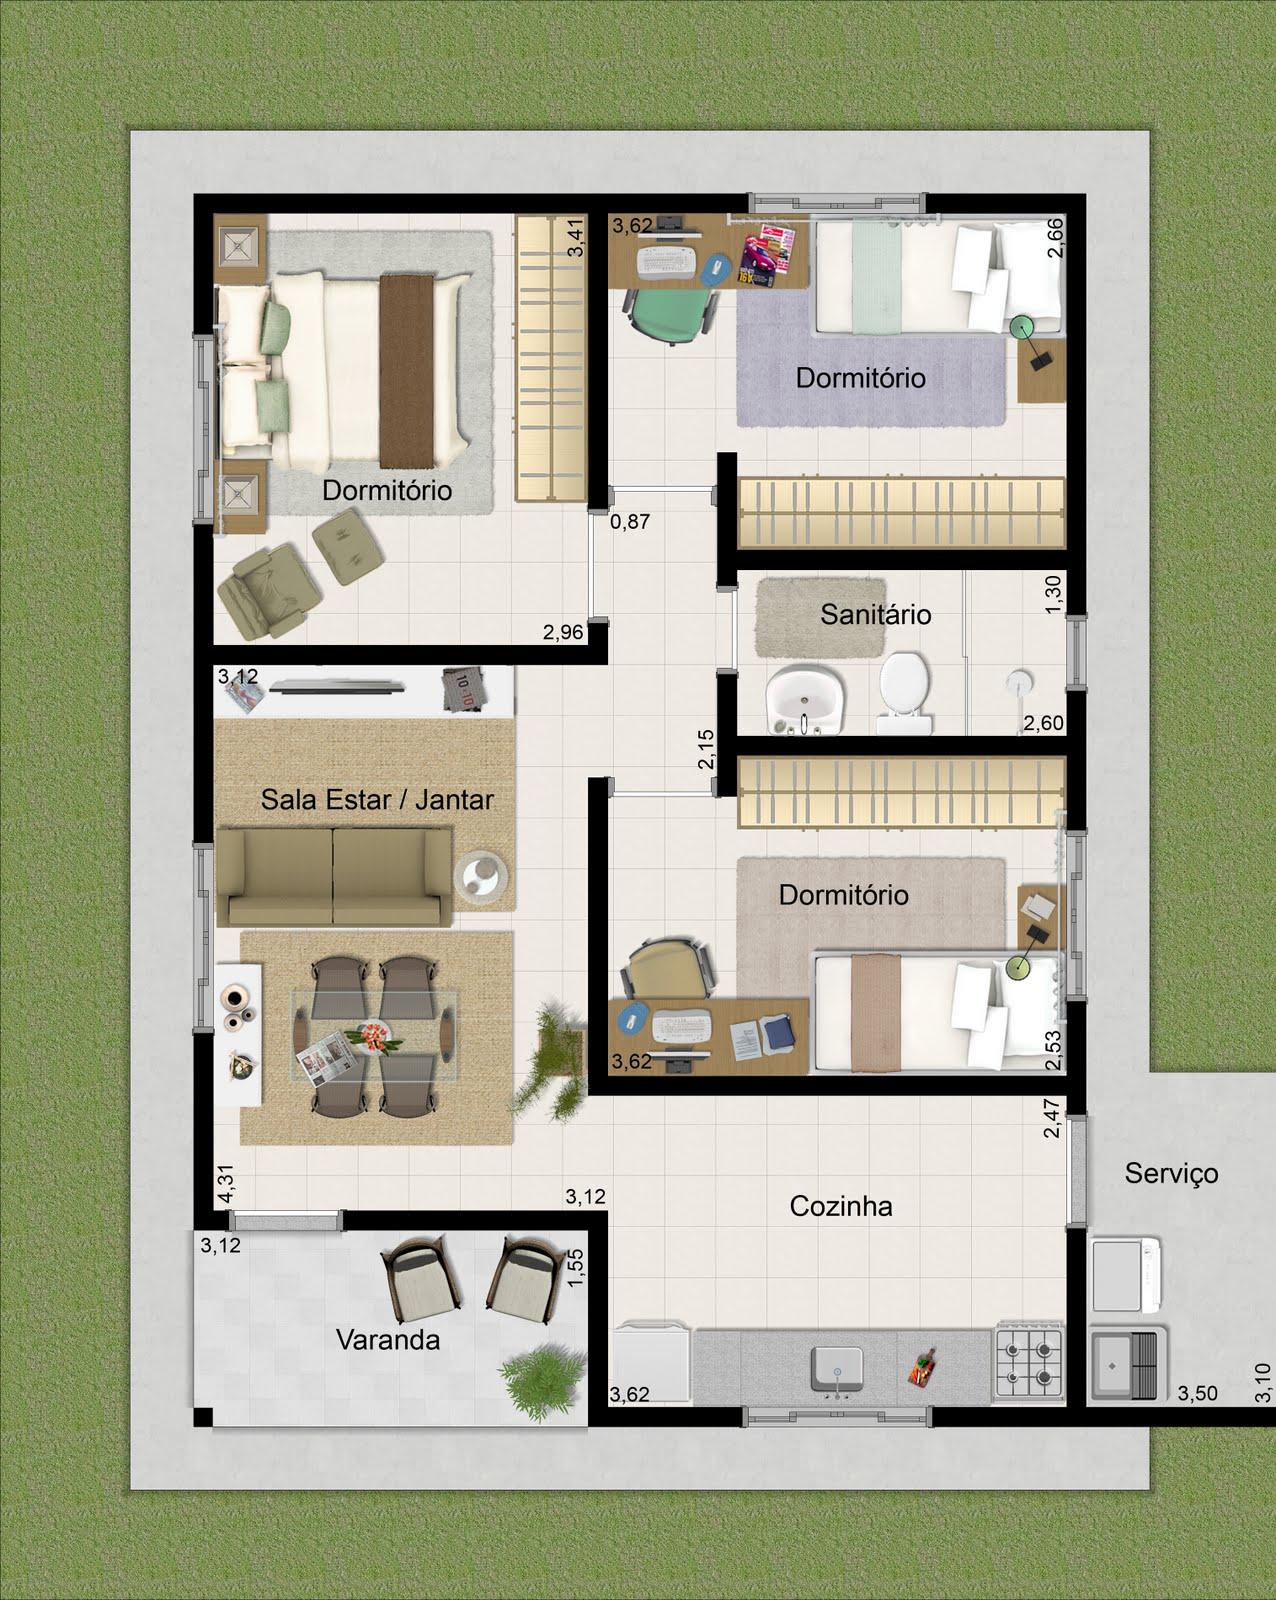 Plantas de casas com 3 quartos for Plantas arquitectonicas de casas